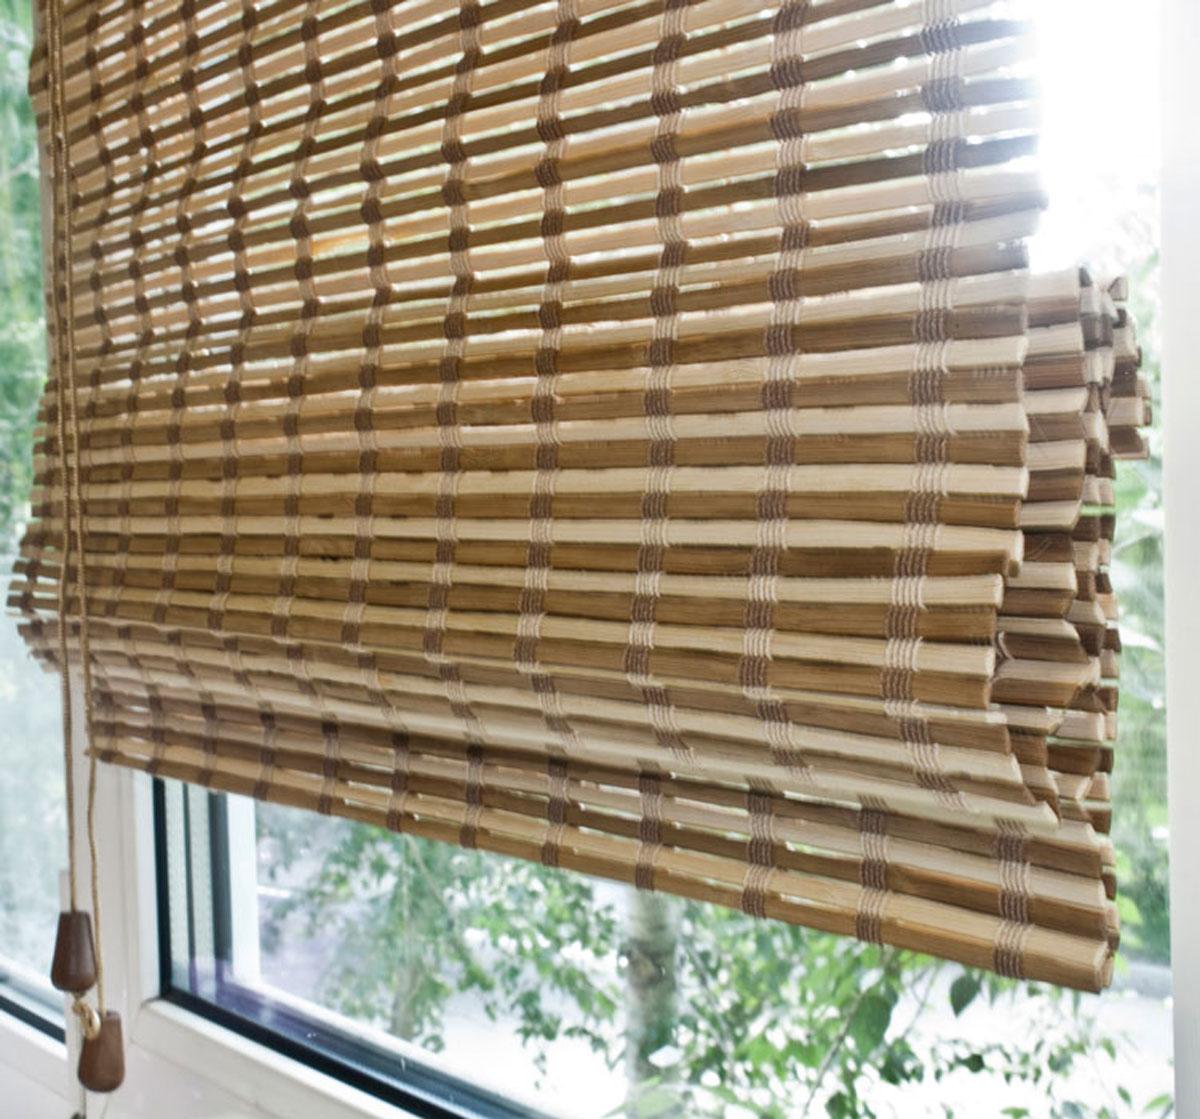 Римская штора Эскар, Бамбук, цвет: микс, ширина 160 см, высота 160 см72959160160Римская штора Эскар, выполненная из натурального бамбука, является оригинальным современным аксессуаром для создания необычного интерьера в восточном или минималистичном стиле.Римская бамбуковая штора, как и тканевая римская штора, при поднятии образует крупные складки, которые прекрасно декорируют окно. Особенность устройства полотна позволяет свободно пропускать дневной свет, что обеспечивает мягкое освещение комнаты. Римская штора из натурального влагоустойчивого материала легко вписывается в любой интерьер, хорошо сочетается с различной мебелью и элементами отделки. Использование бамбукового полотна придает помещению необычный вид и визуально расширяет пространство. Бамбуковые шторы требуют только сухого ухода: пылесосом, щеткой, веником или влажной (но не мокрой!) губкой. Комплект для монтажа прилагается.